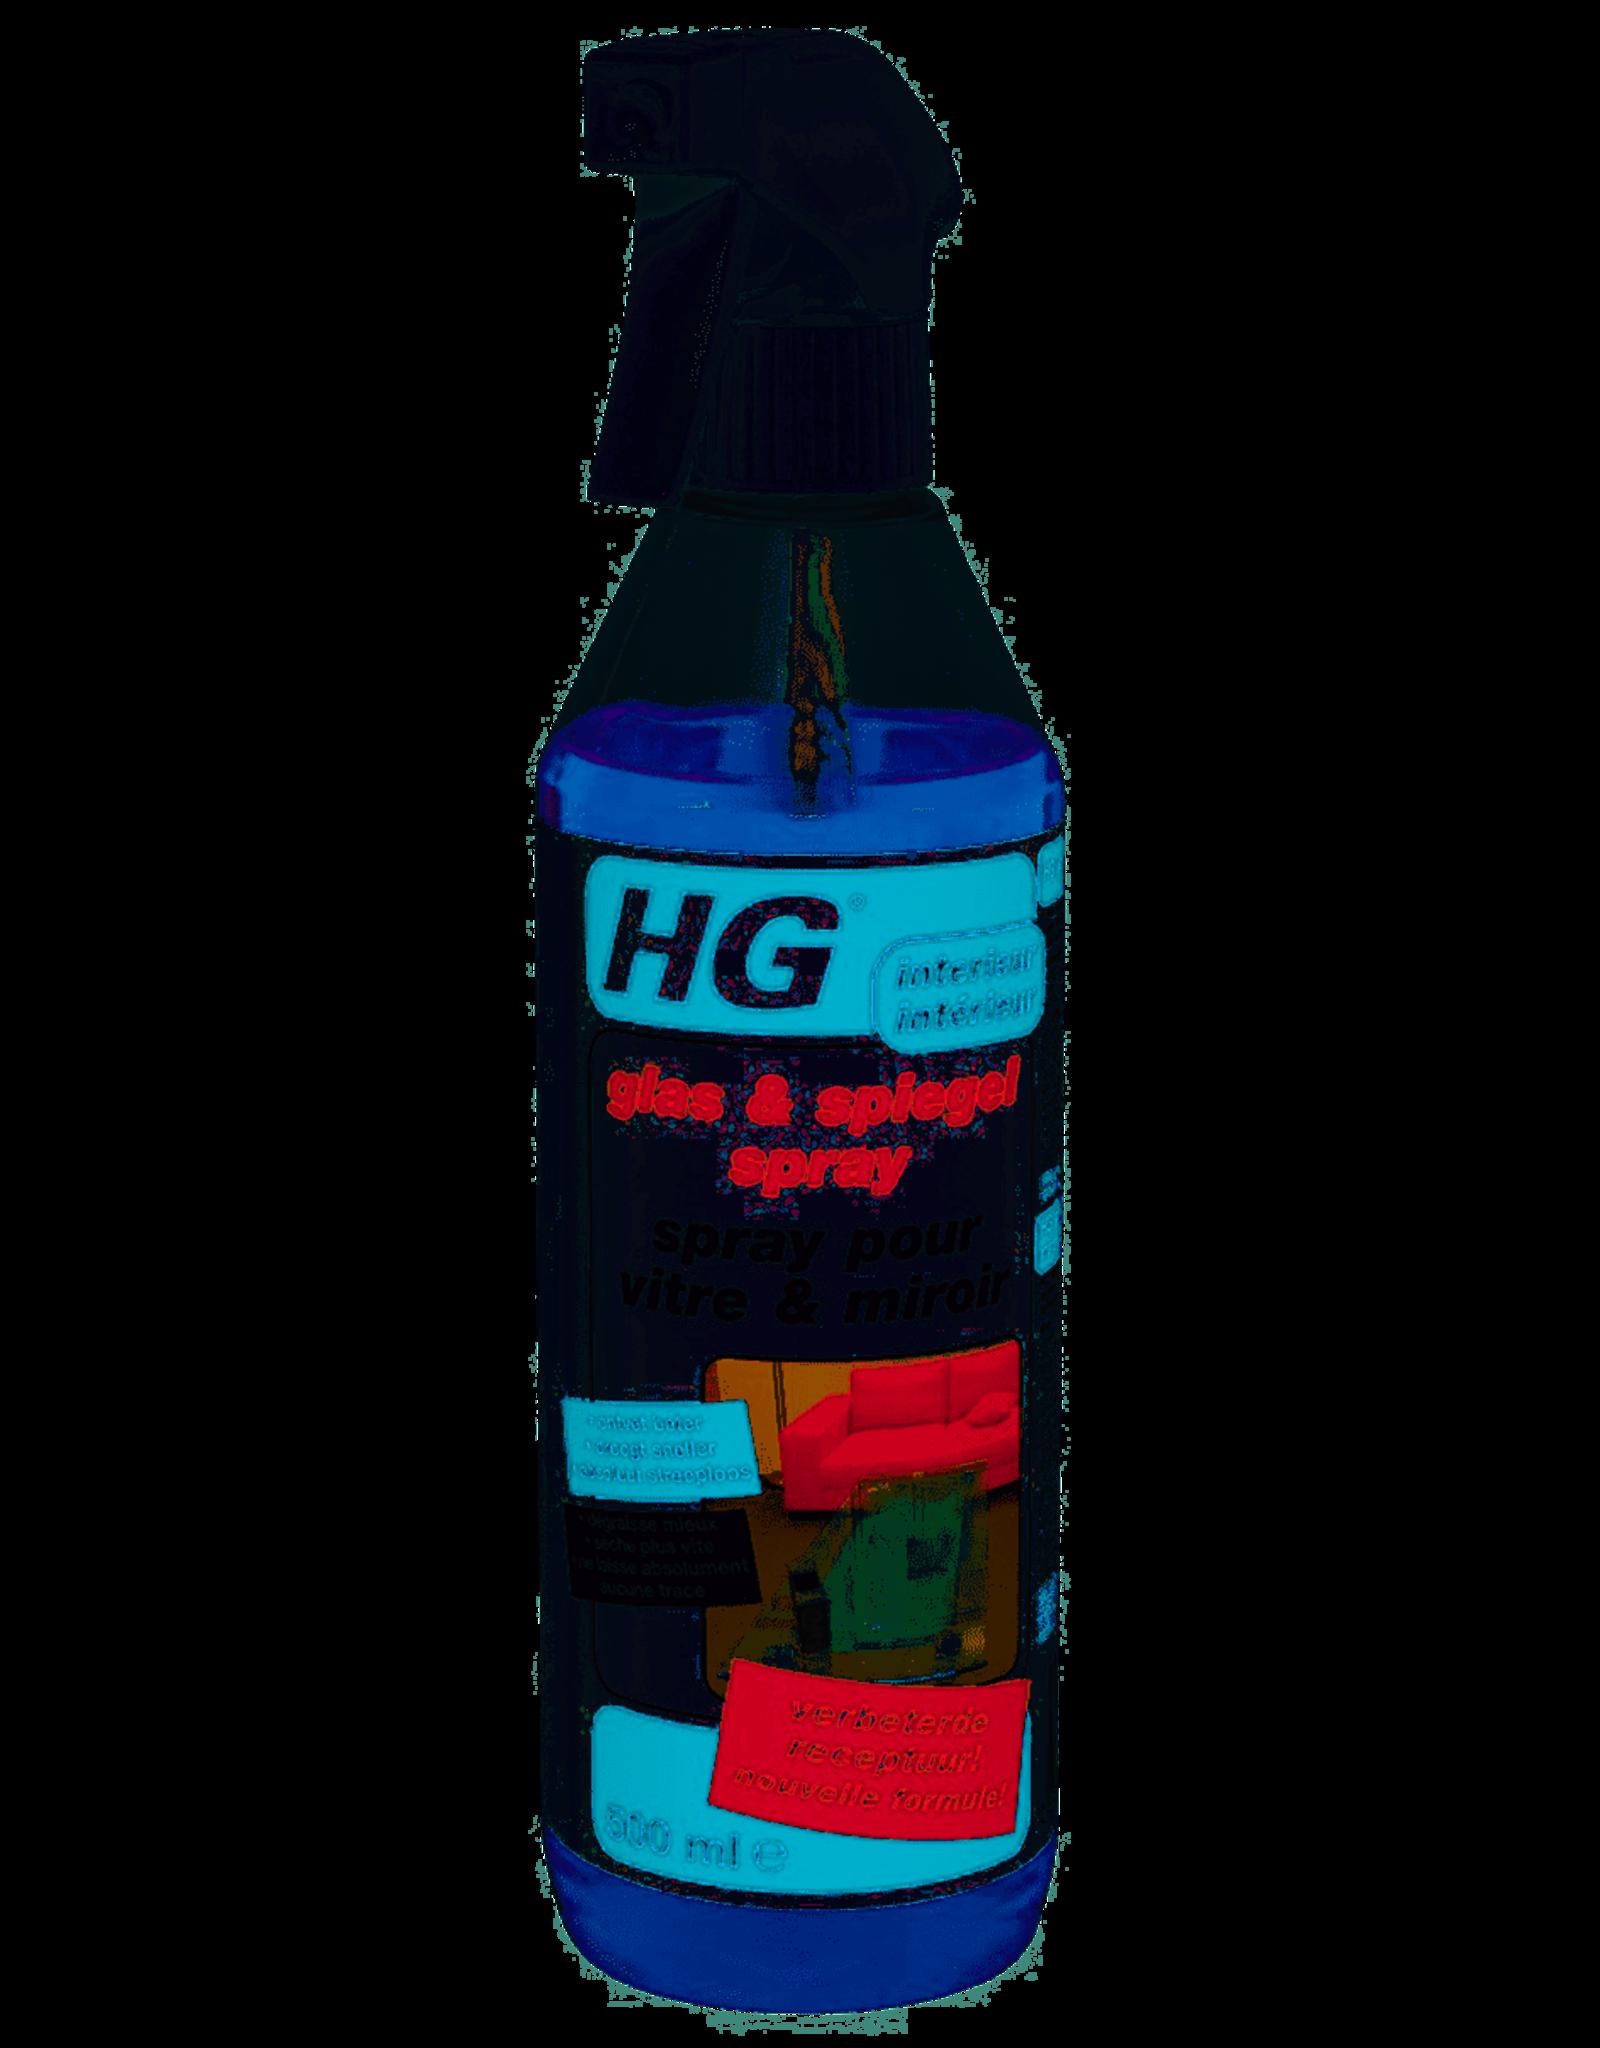 HG HG GLAS EN SPIEGELSPRAY 500ML